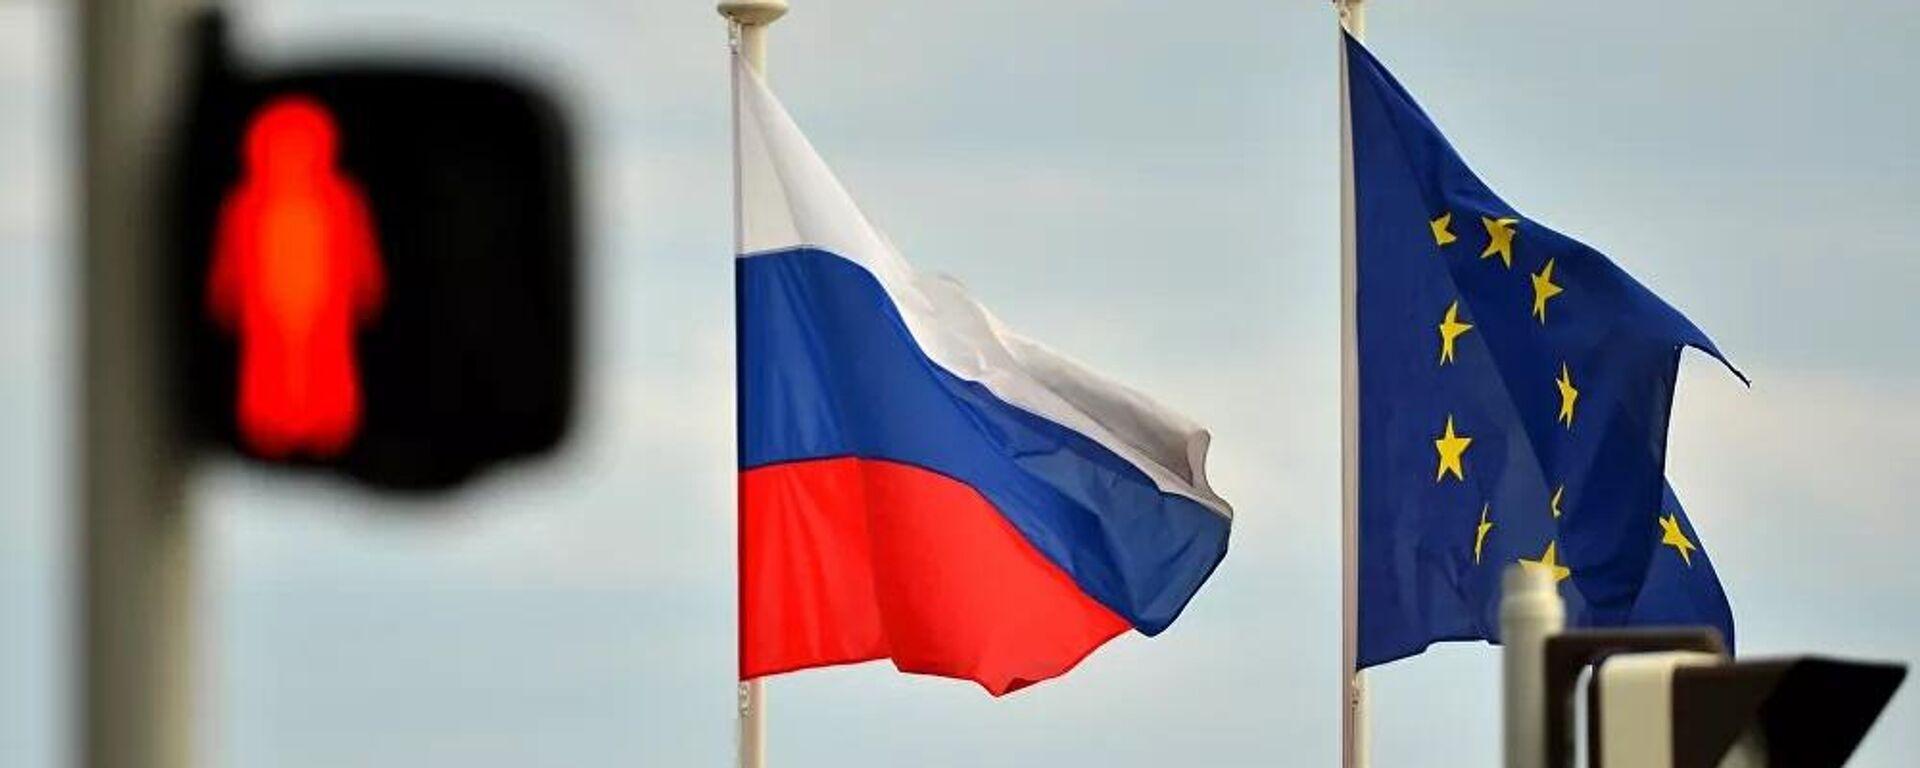 Flagge Russlands und der EU - SNA, 1920, 25.06.2021